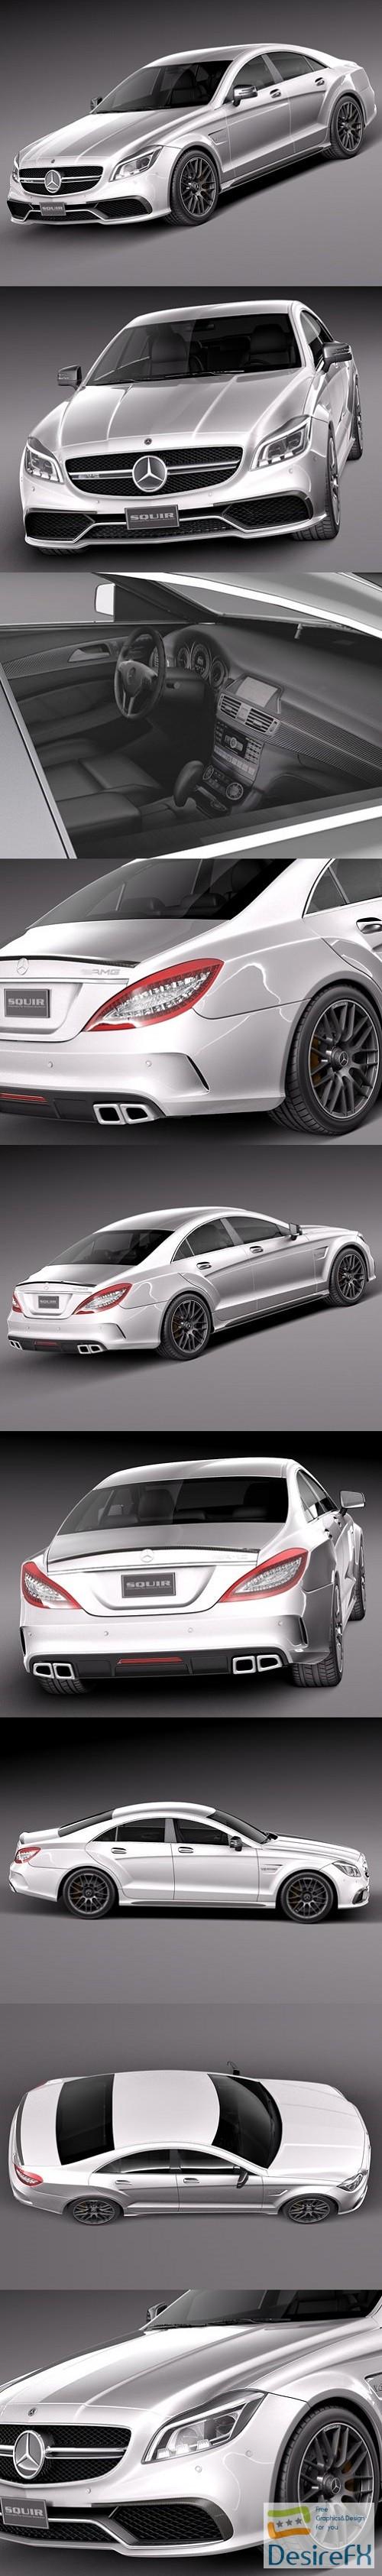 3d-models - Mercedes-Benz CLS63 AMG 2015 3d Model